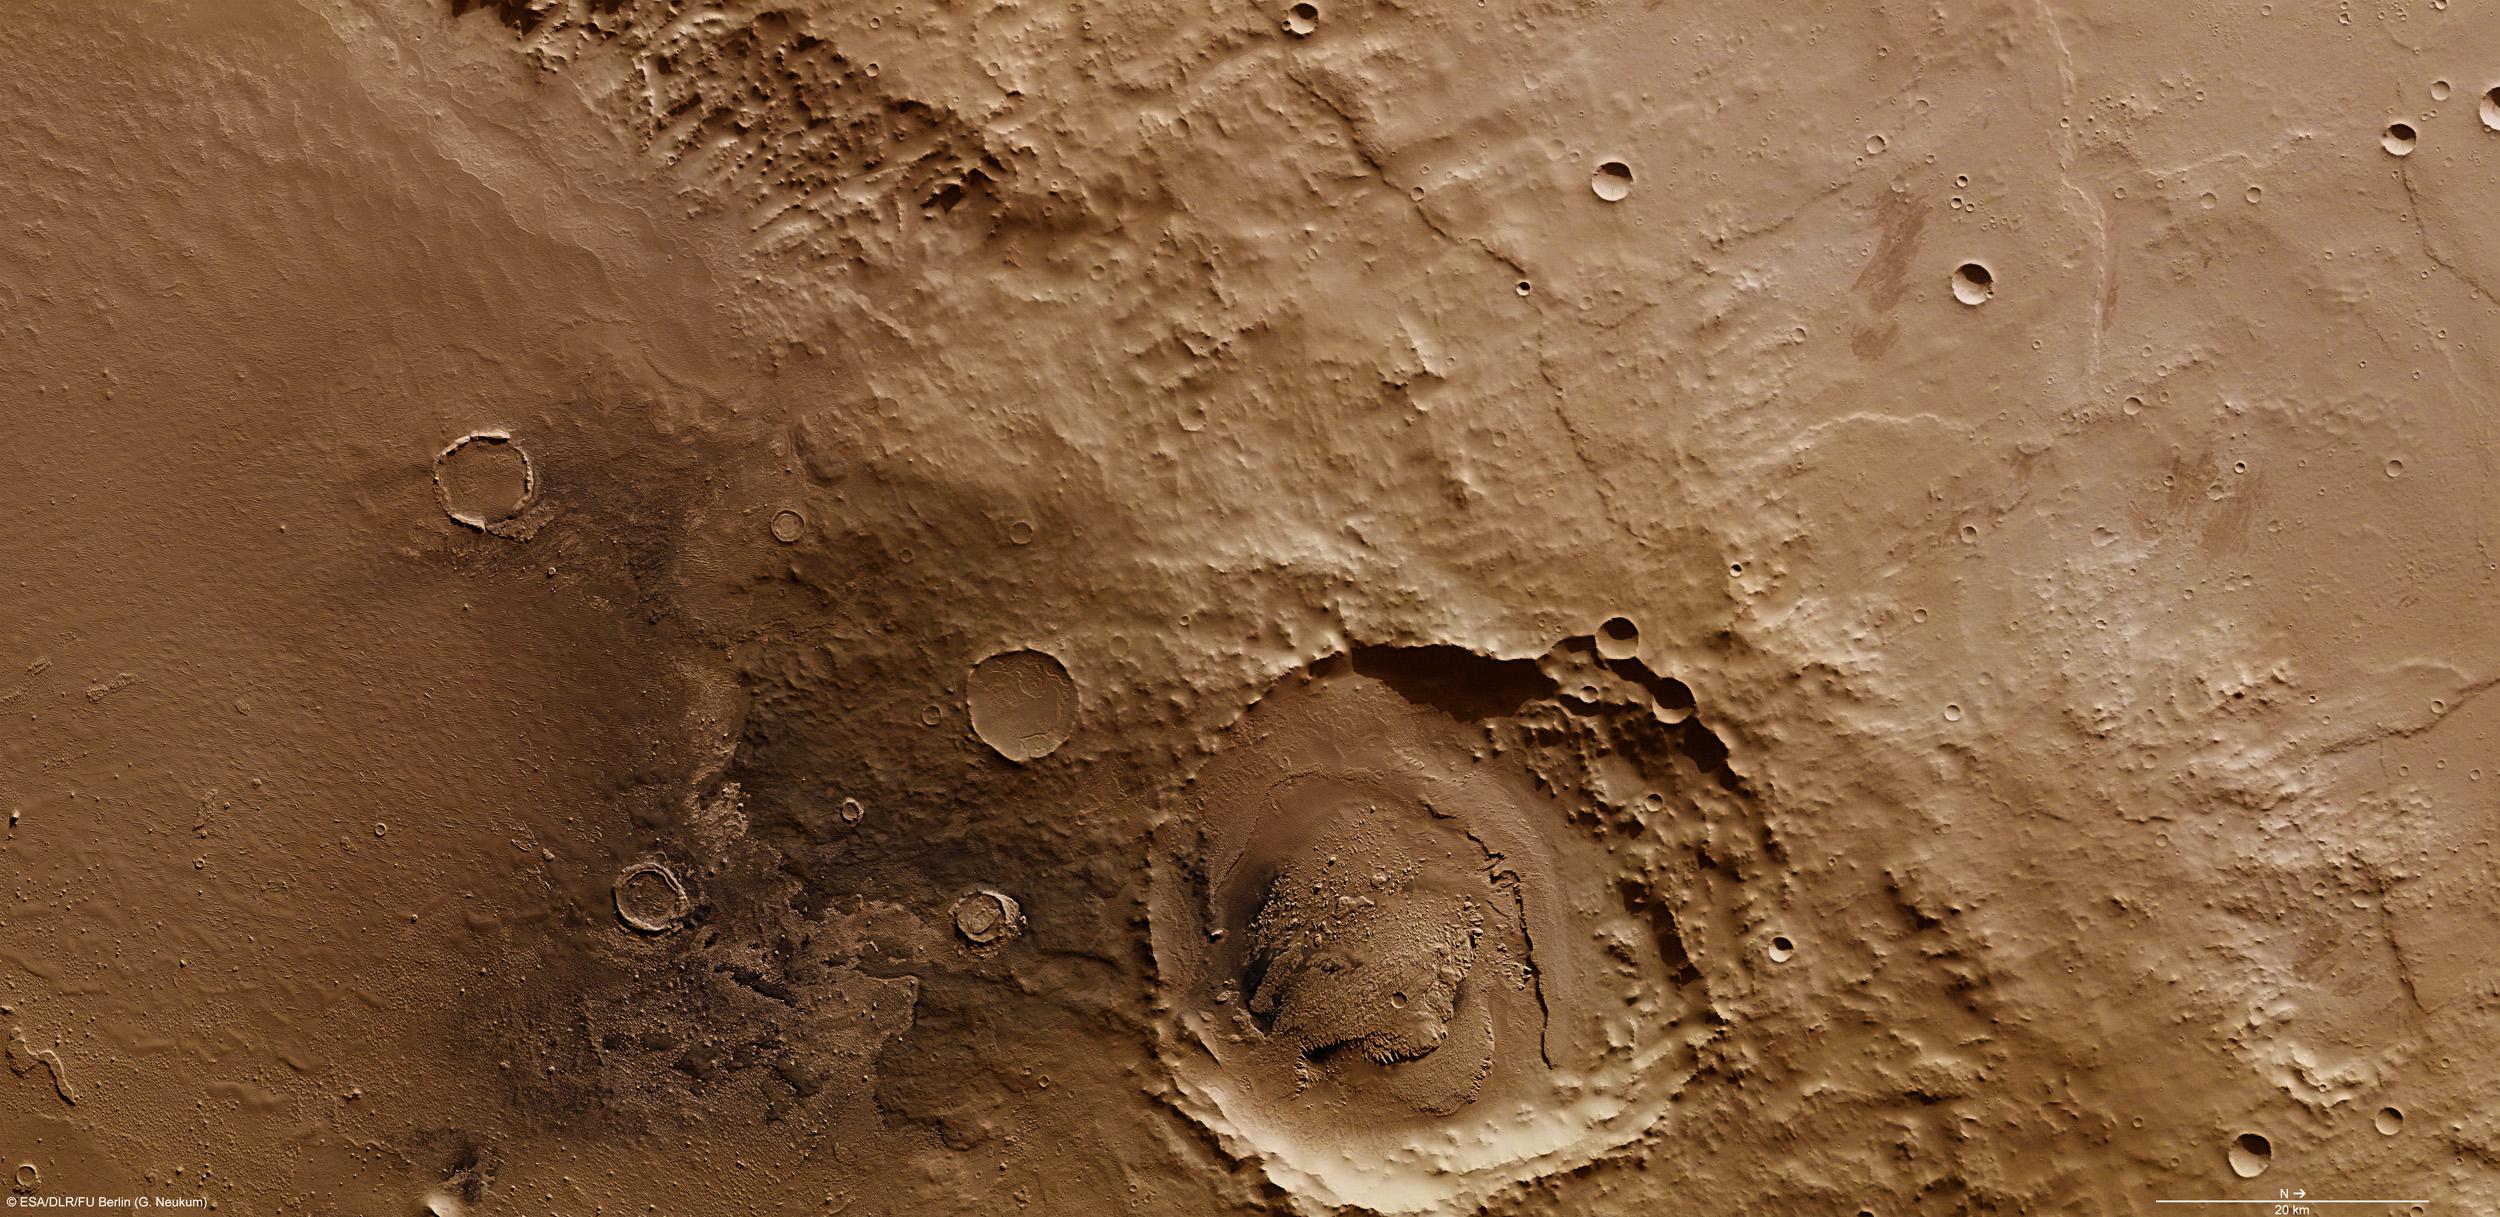 on_the_rim_of_schiaparelli_crater